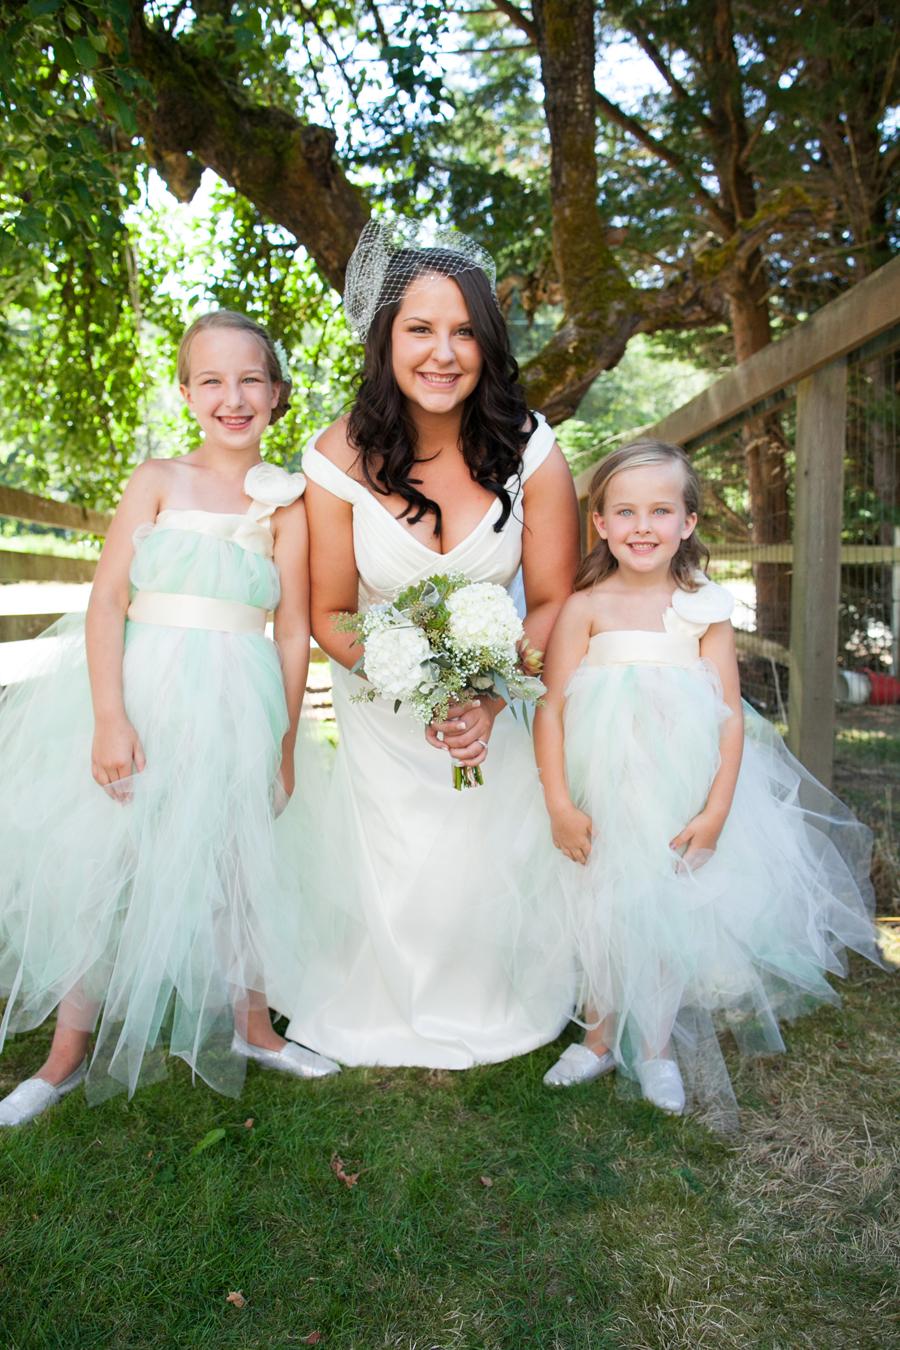 048-llama-rose-farm-wedding.jpg